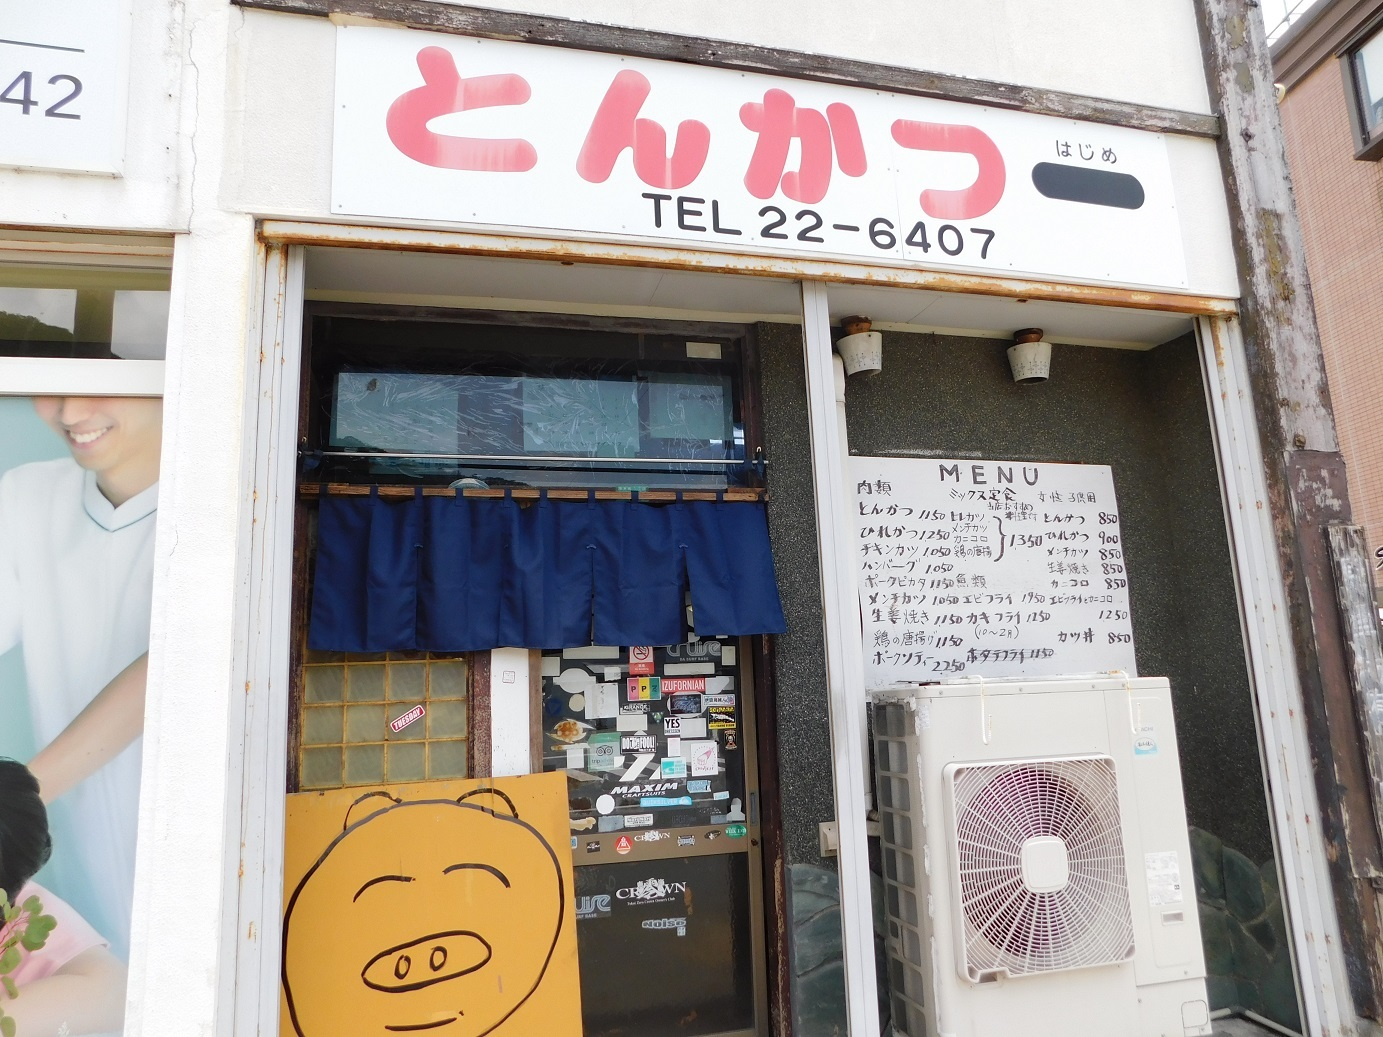 DSCsasasaN4824.jpg